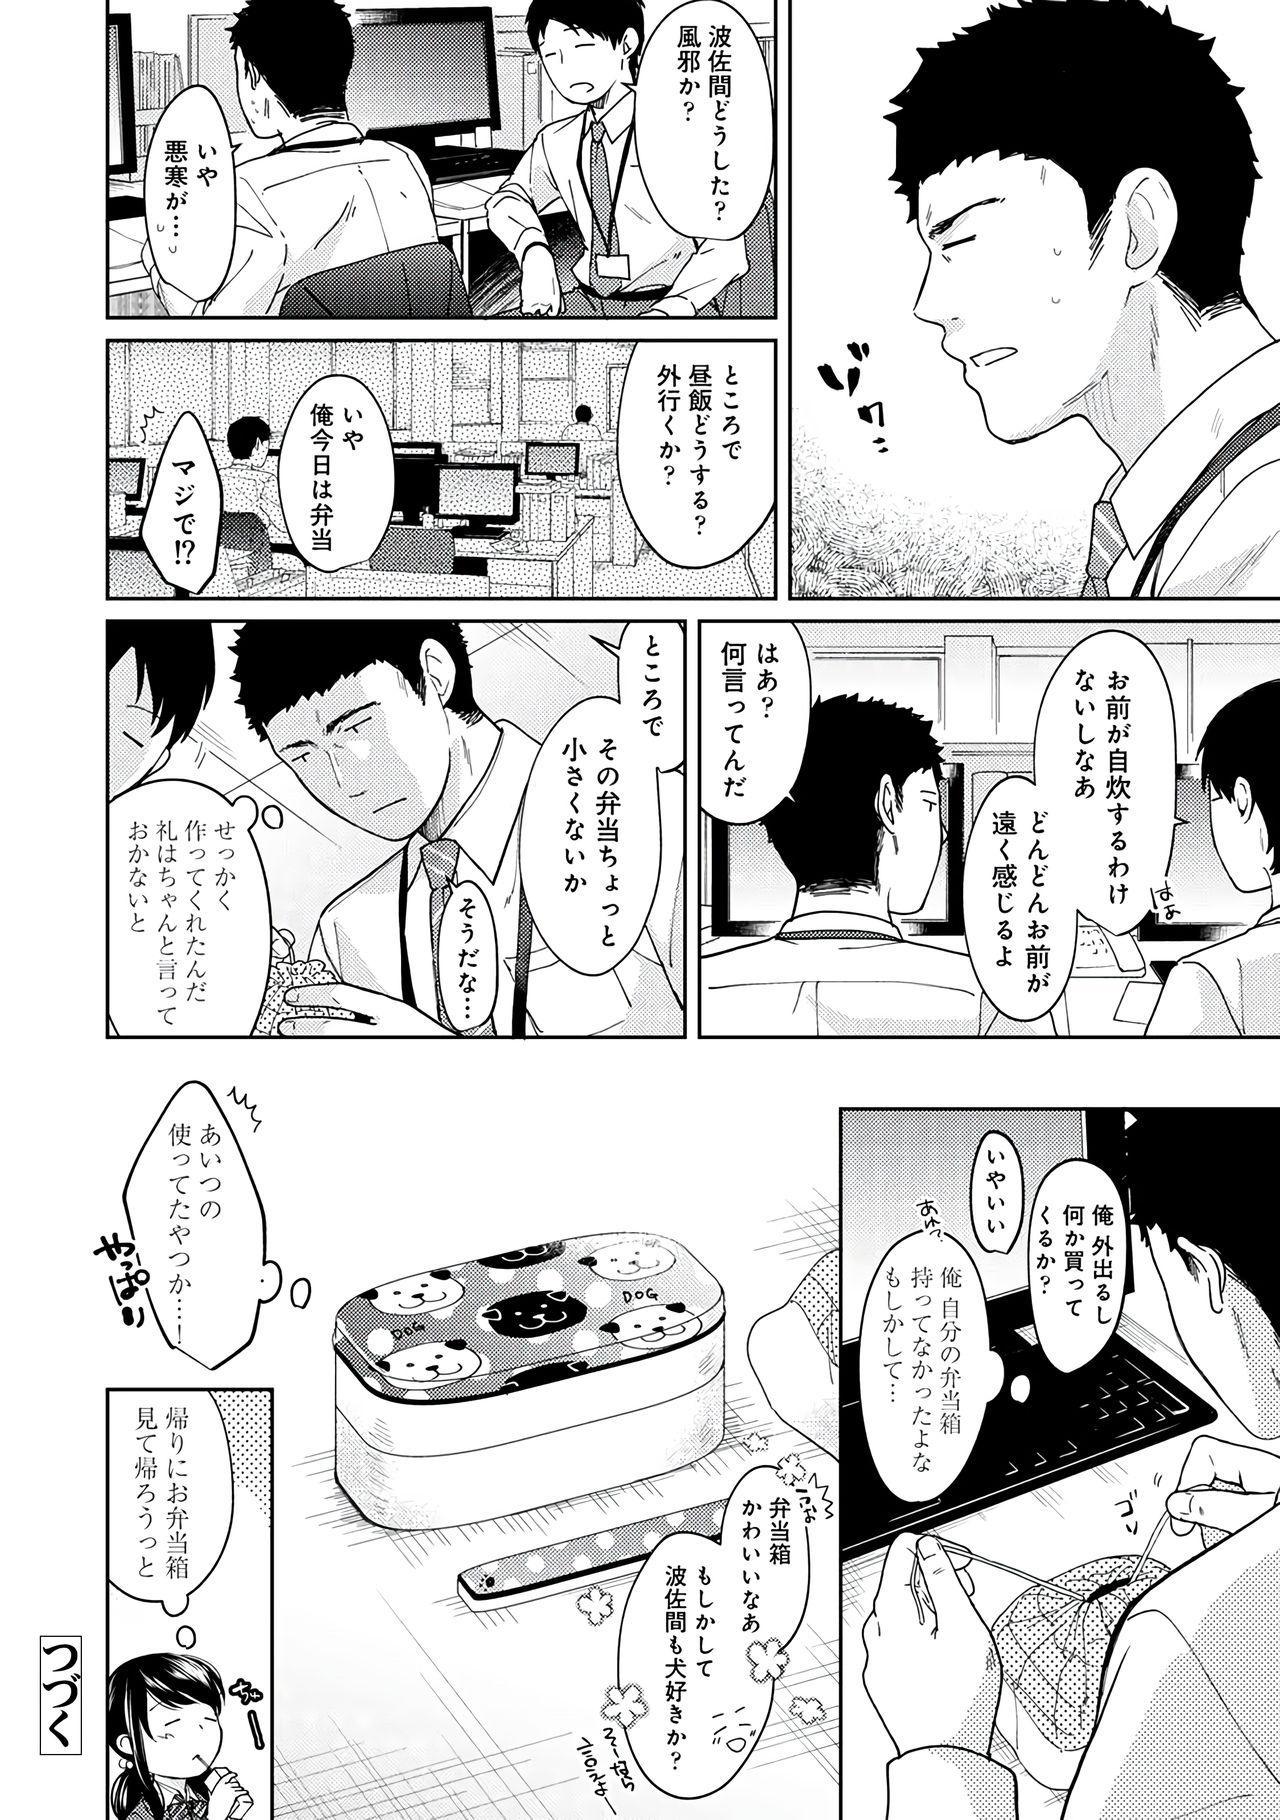 1LDK+JK Ikinari Doukyo? Micchaku!? Hatsu Ecchi!!? Vol.2 55